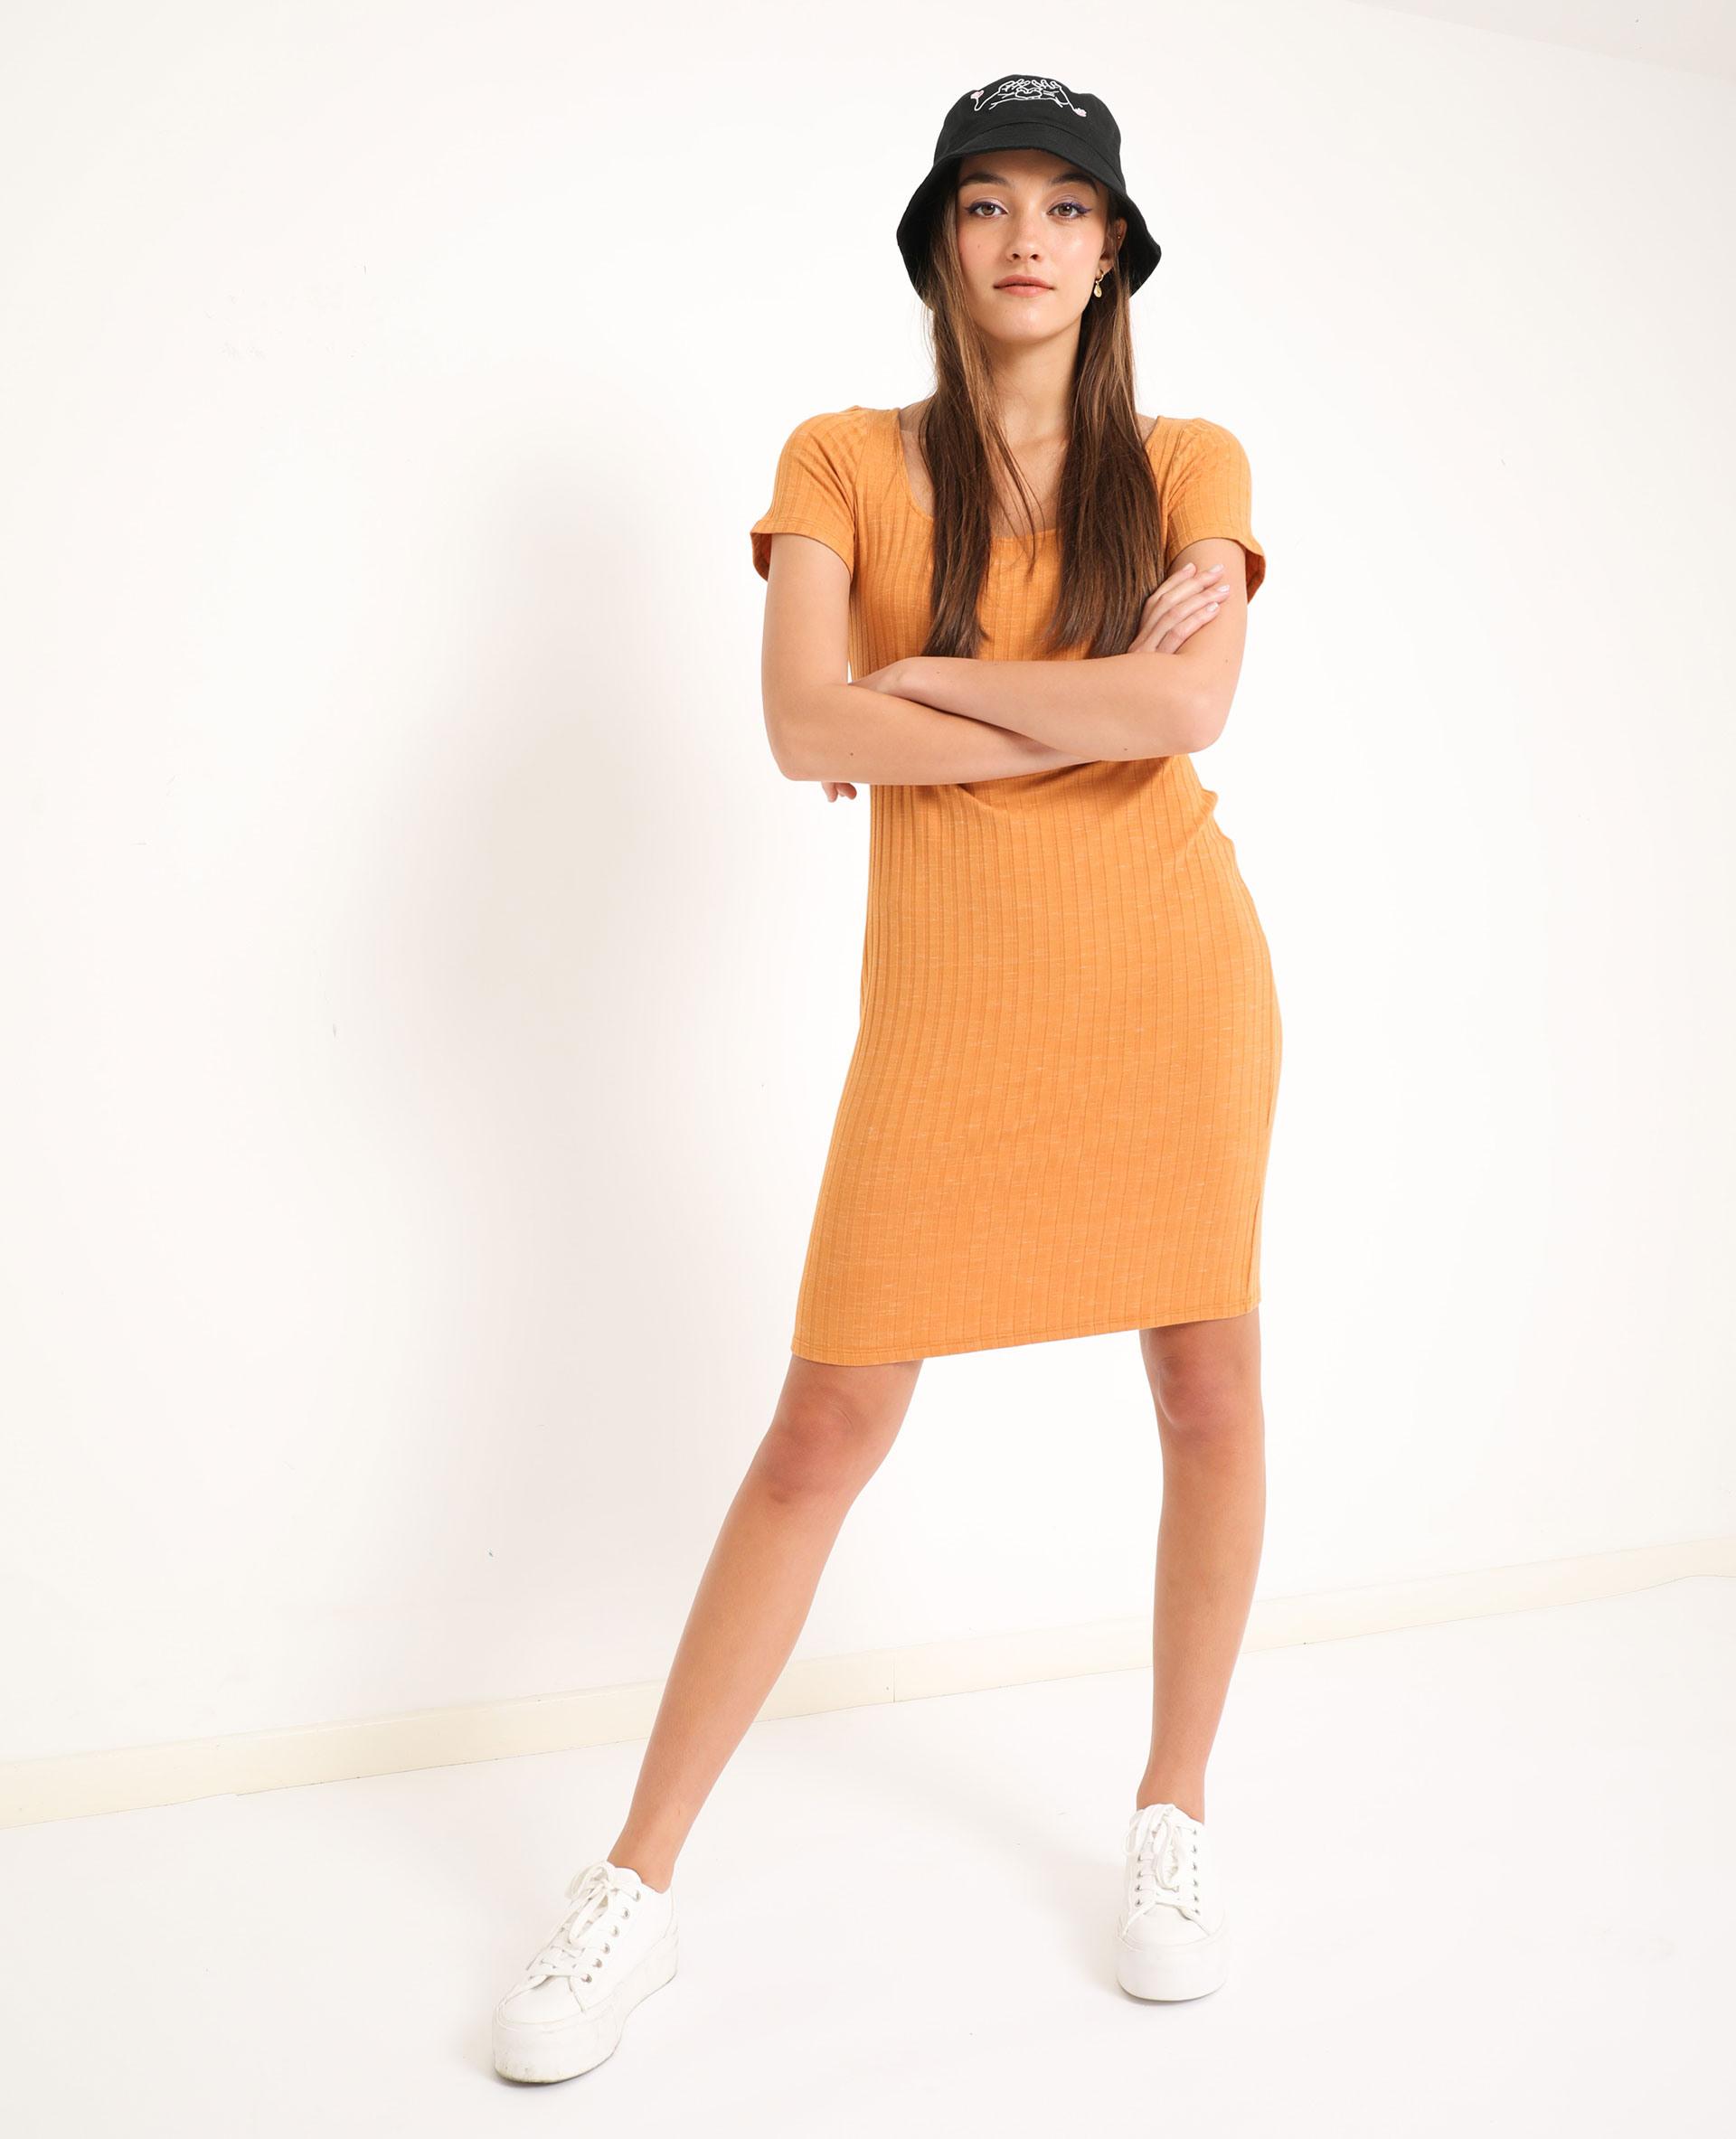 Geripptes Kleid Camel  781421D14A07  Pimkie